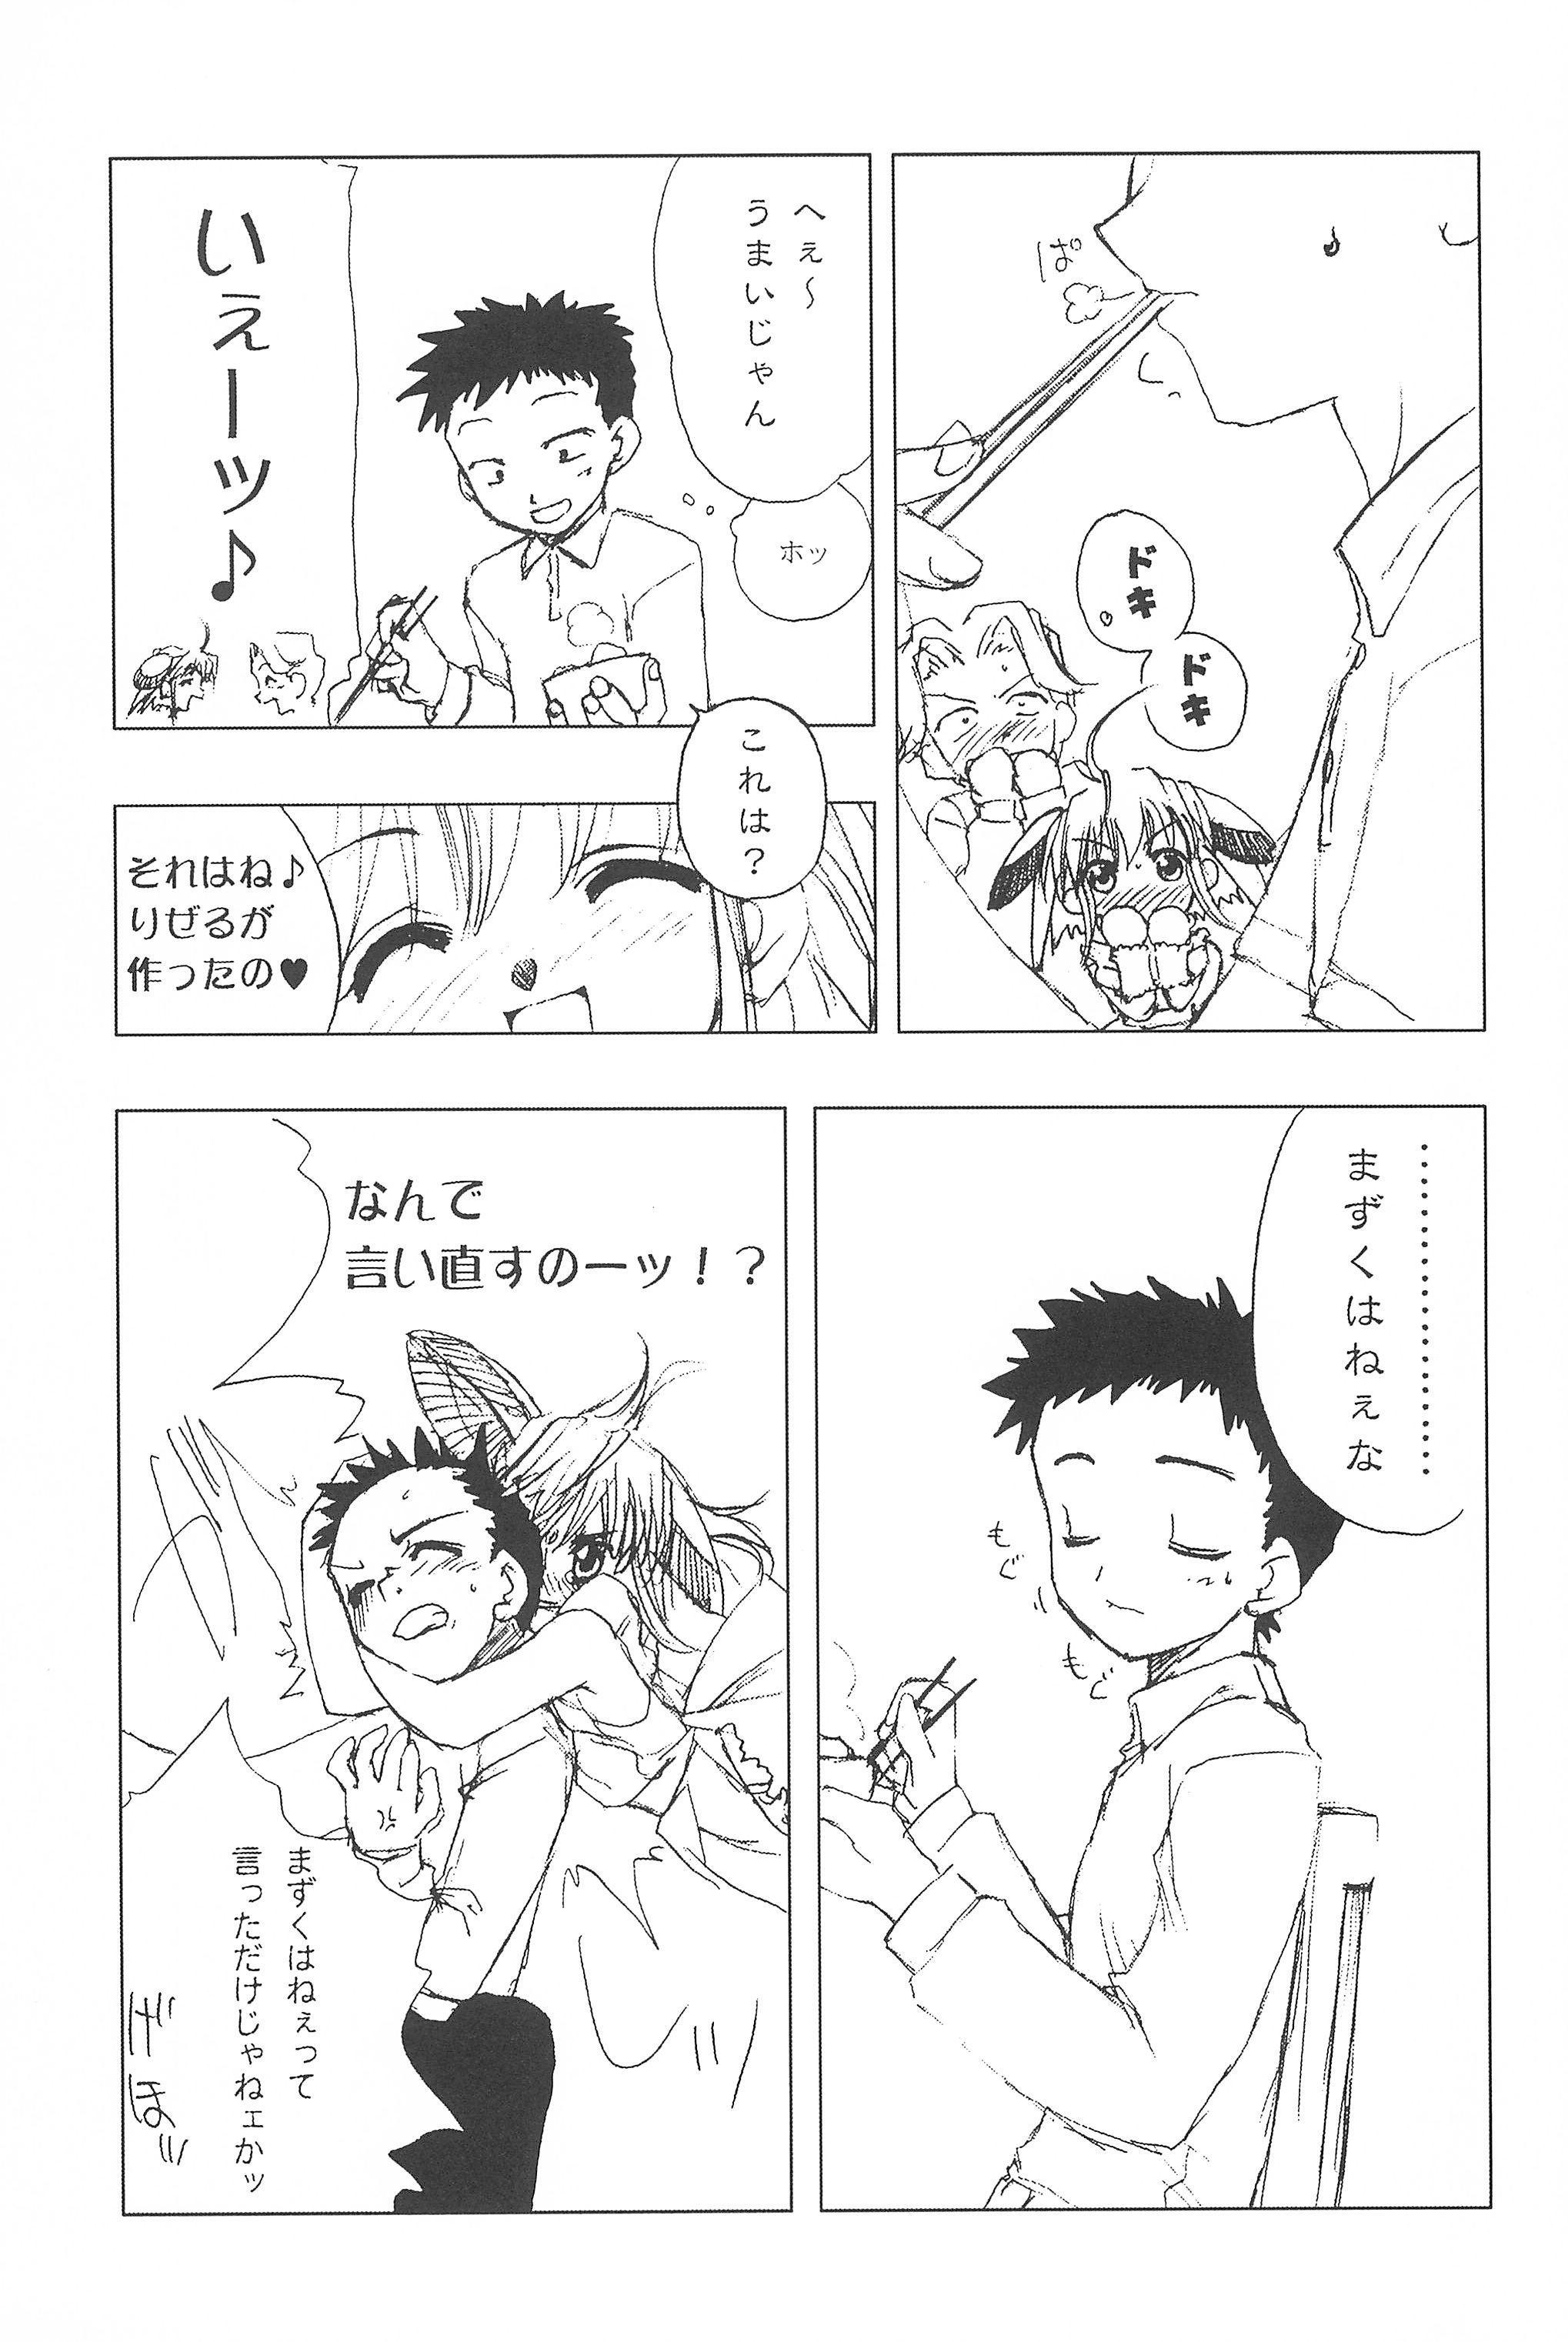 (SC22) [Shinobi no Yakata (Iwama Yoshiki) JEWEL-BOX 10 LOLITA-SARAD (Various) 40